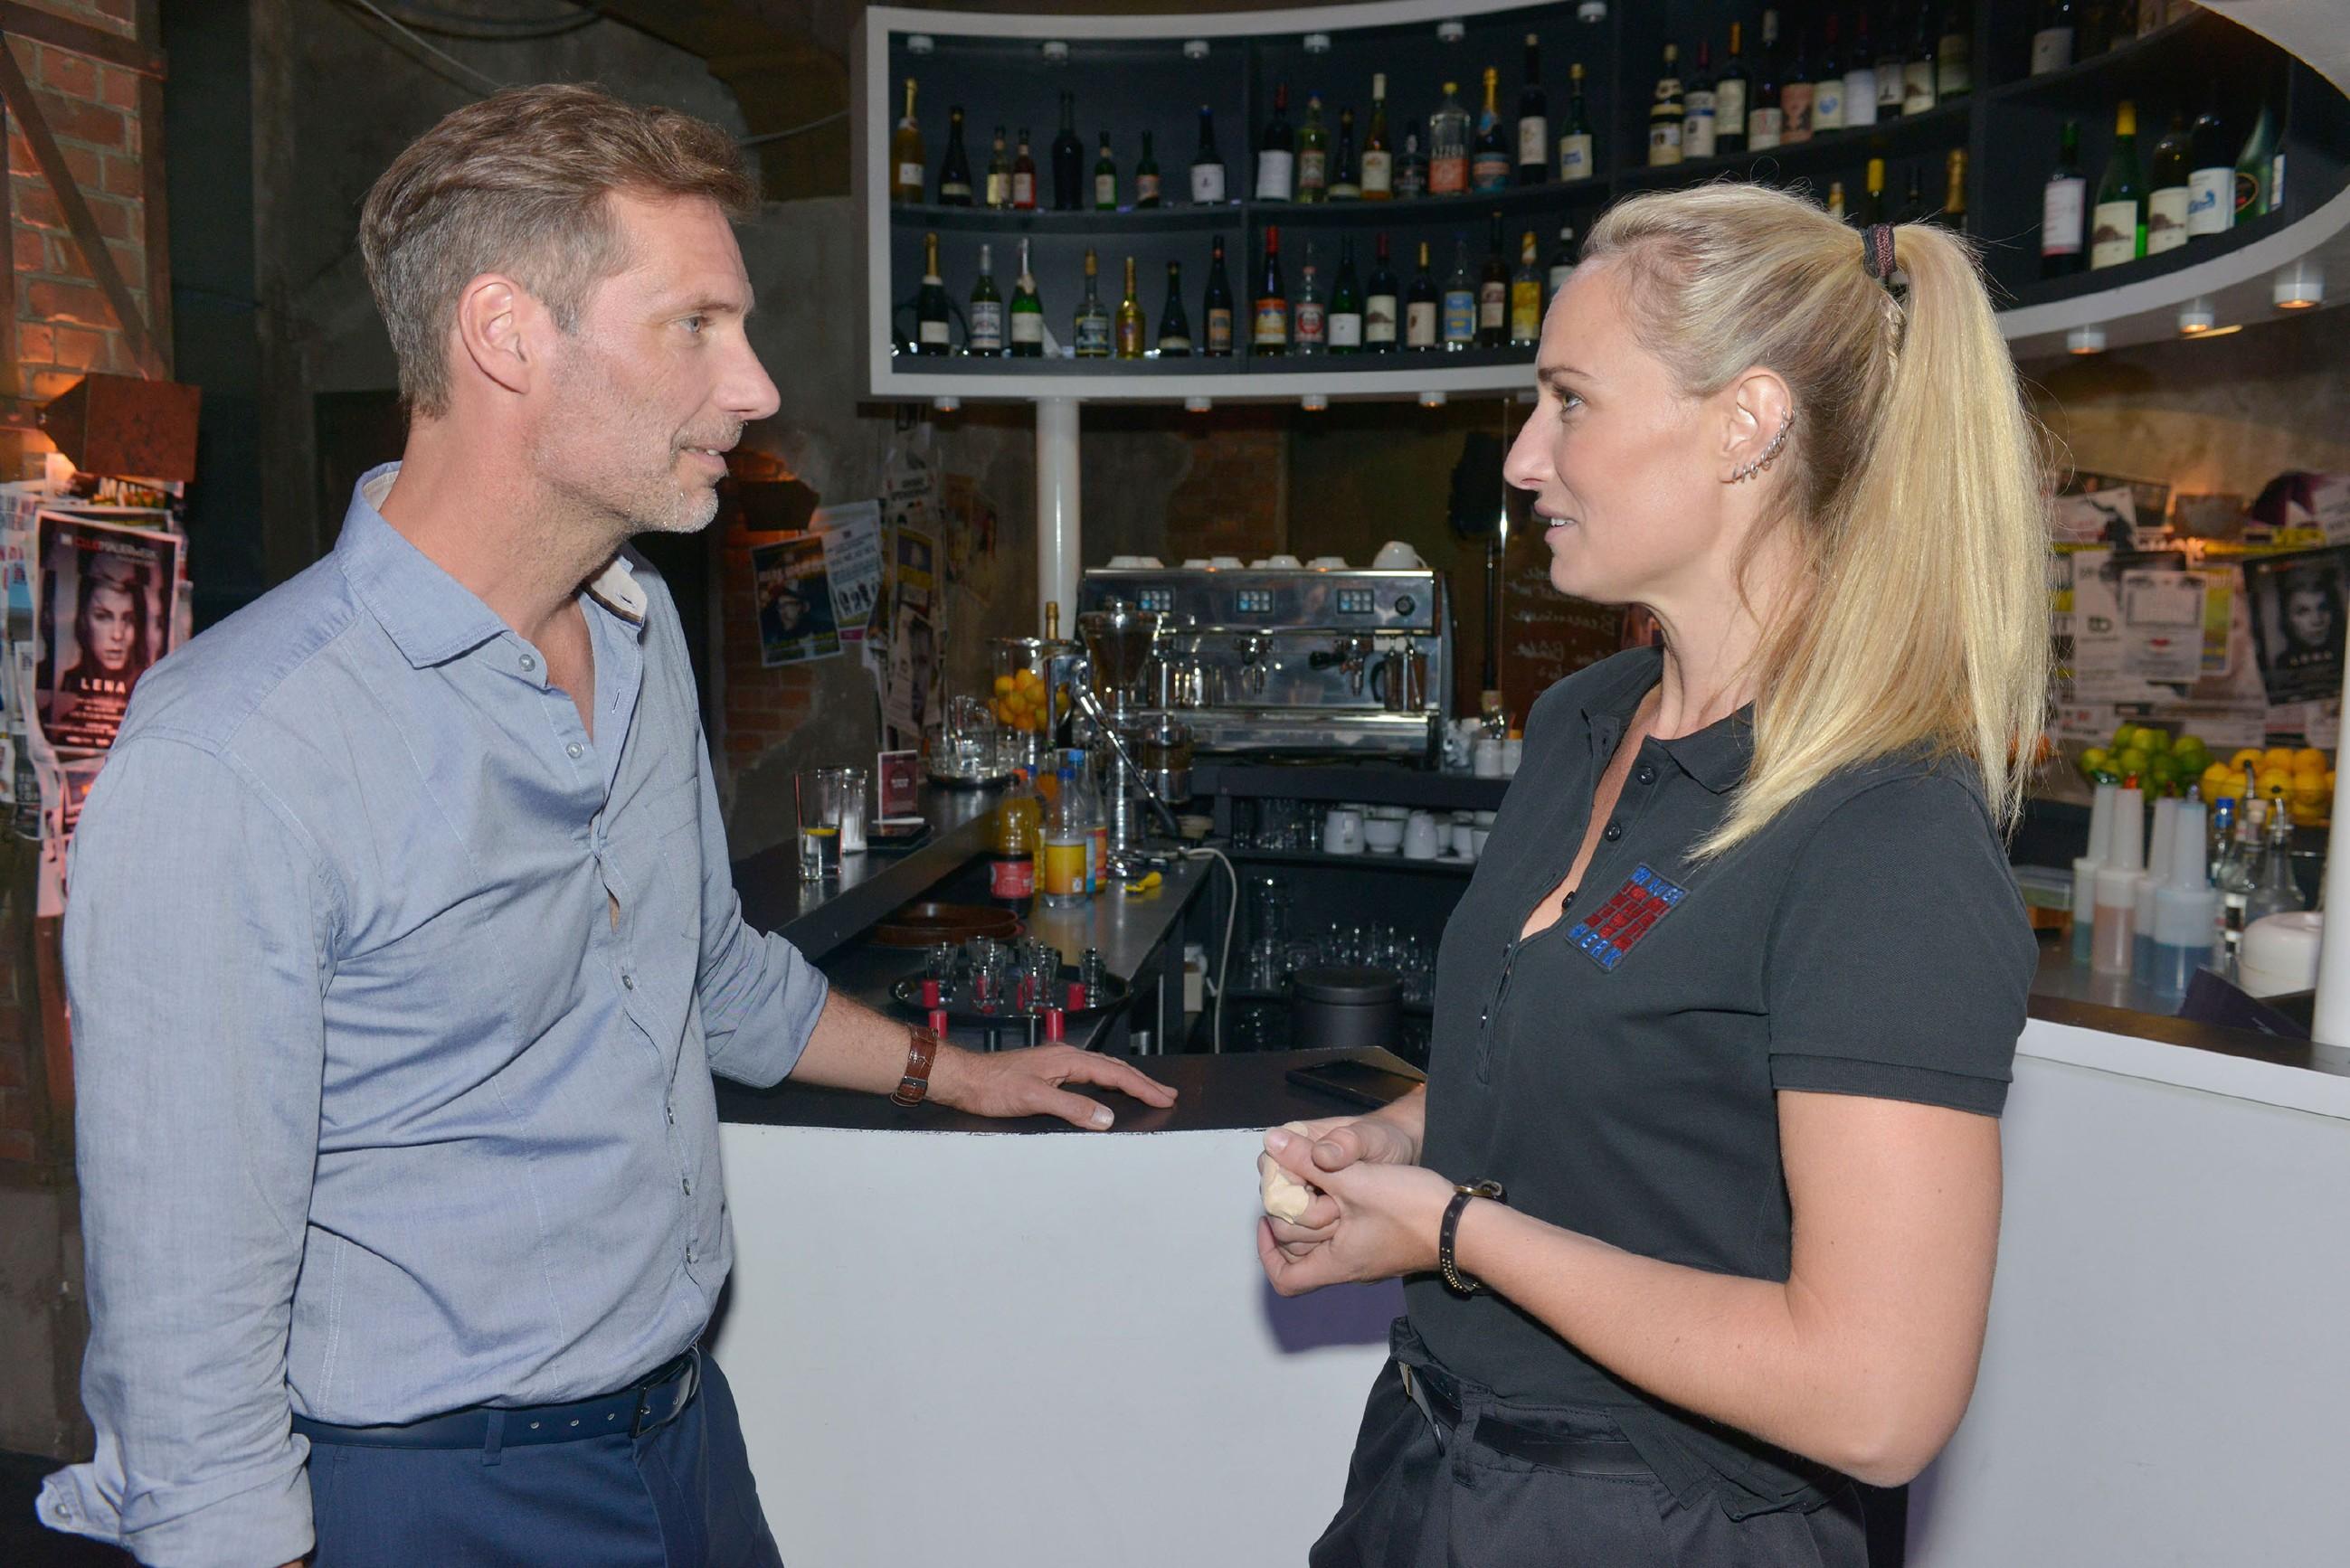 Obwohl sich Maren (Eva Mona Rodekirchen) entschuldigen will, dass sie Alexander (Clemens Löhr) zu Unrecht Vorwürfe gemacht hat, geht der Versuch nach hinten los... (Quelle: RTL / Rolf Baumgartner)